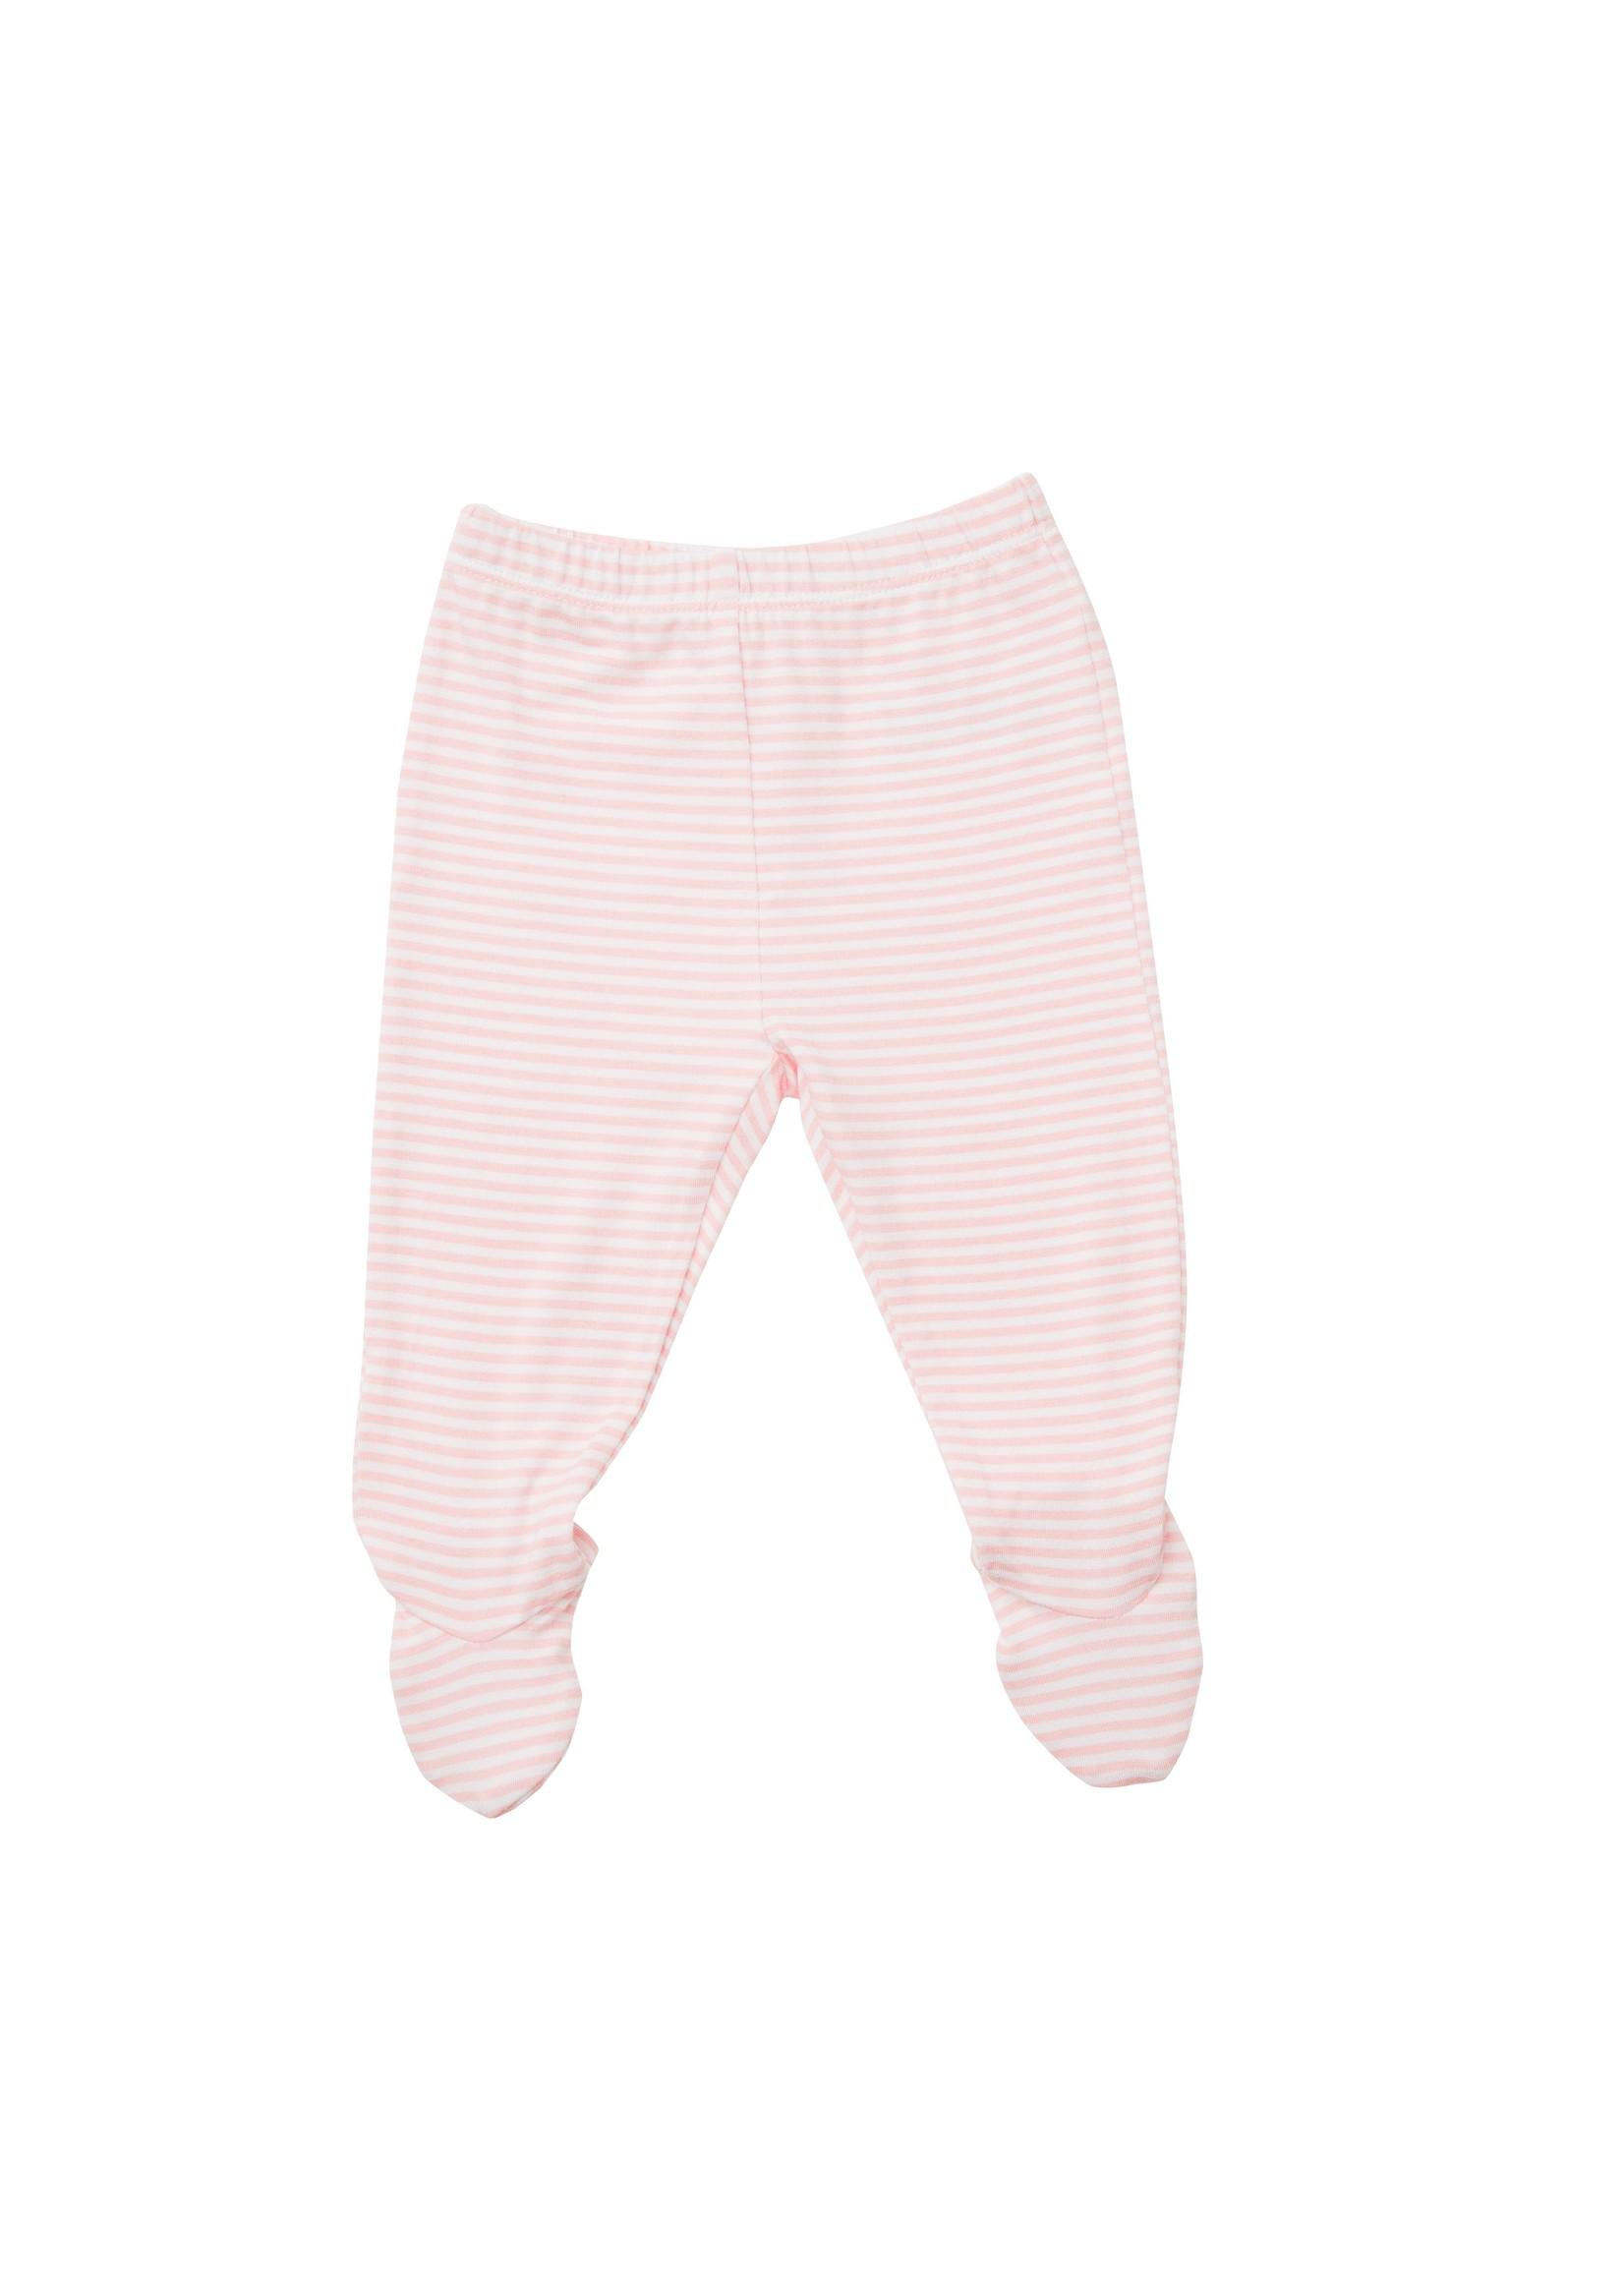 Angel Dear Elephants Tmh Set Pink Stripe